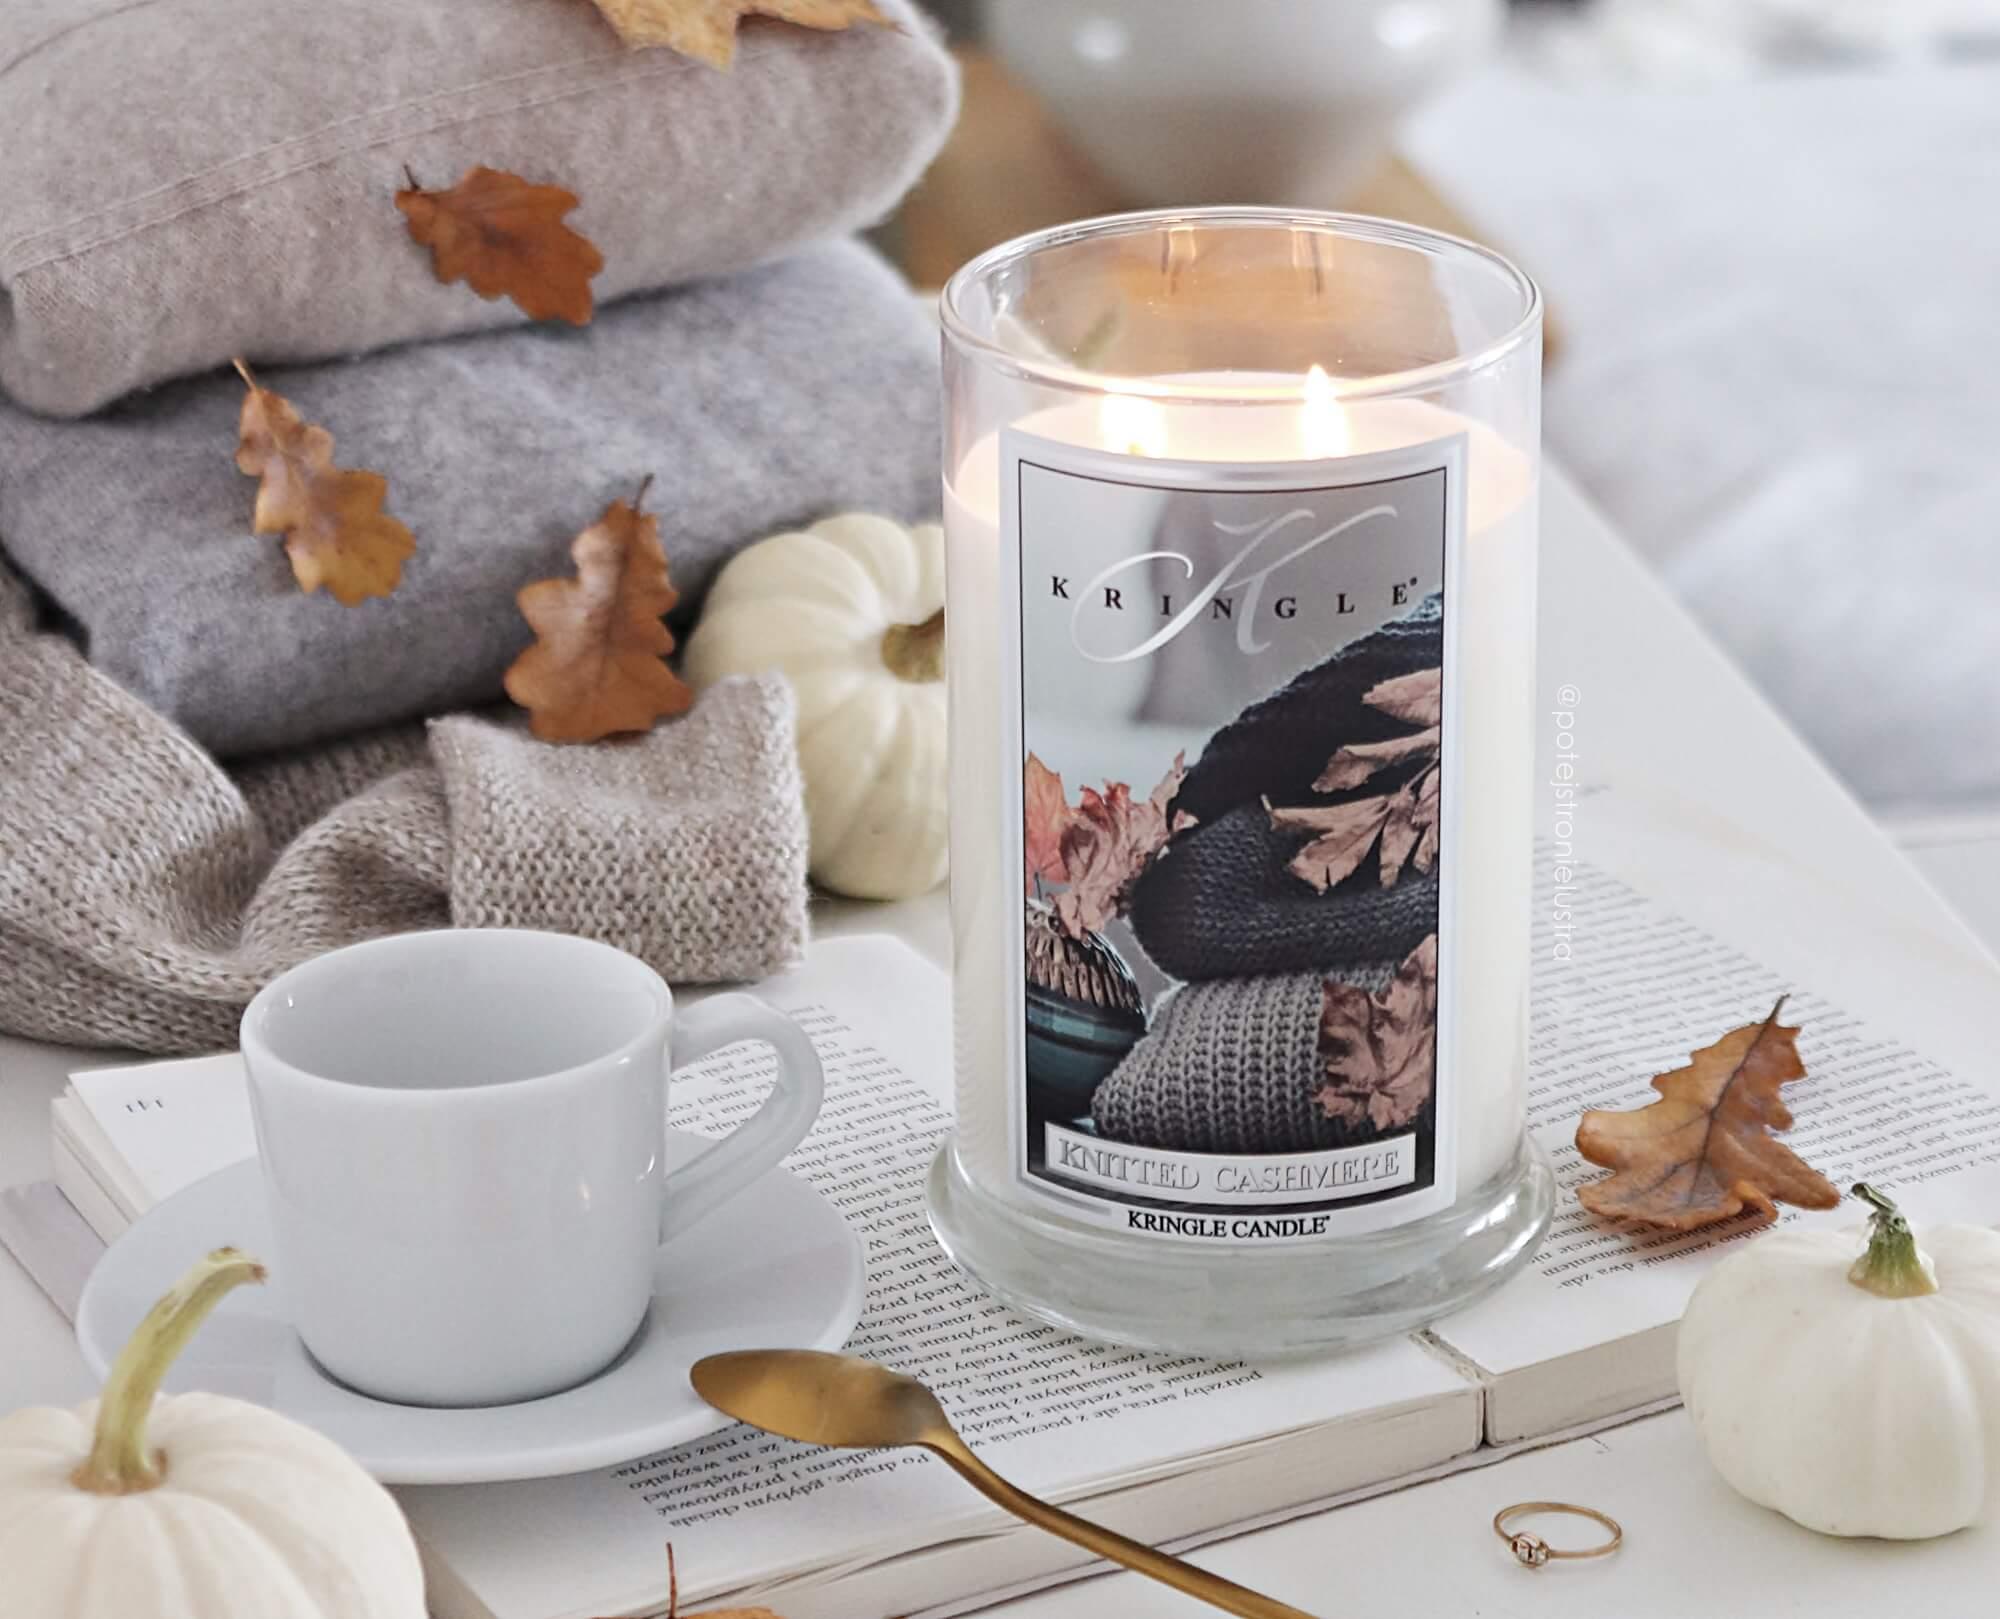 Kringle Candle Knitted Cashmere - ciepło kaszmirowego swetra i chłód jesieni w jednym